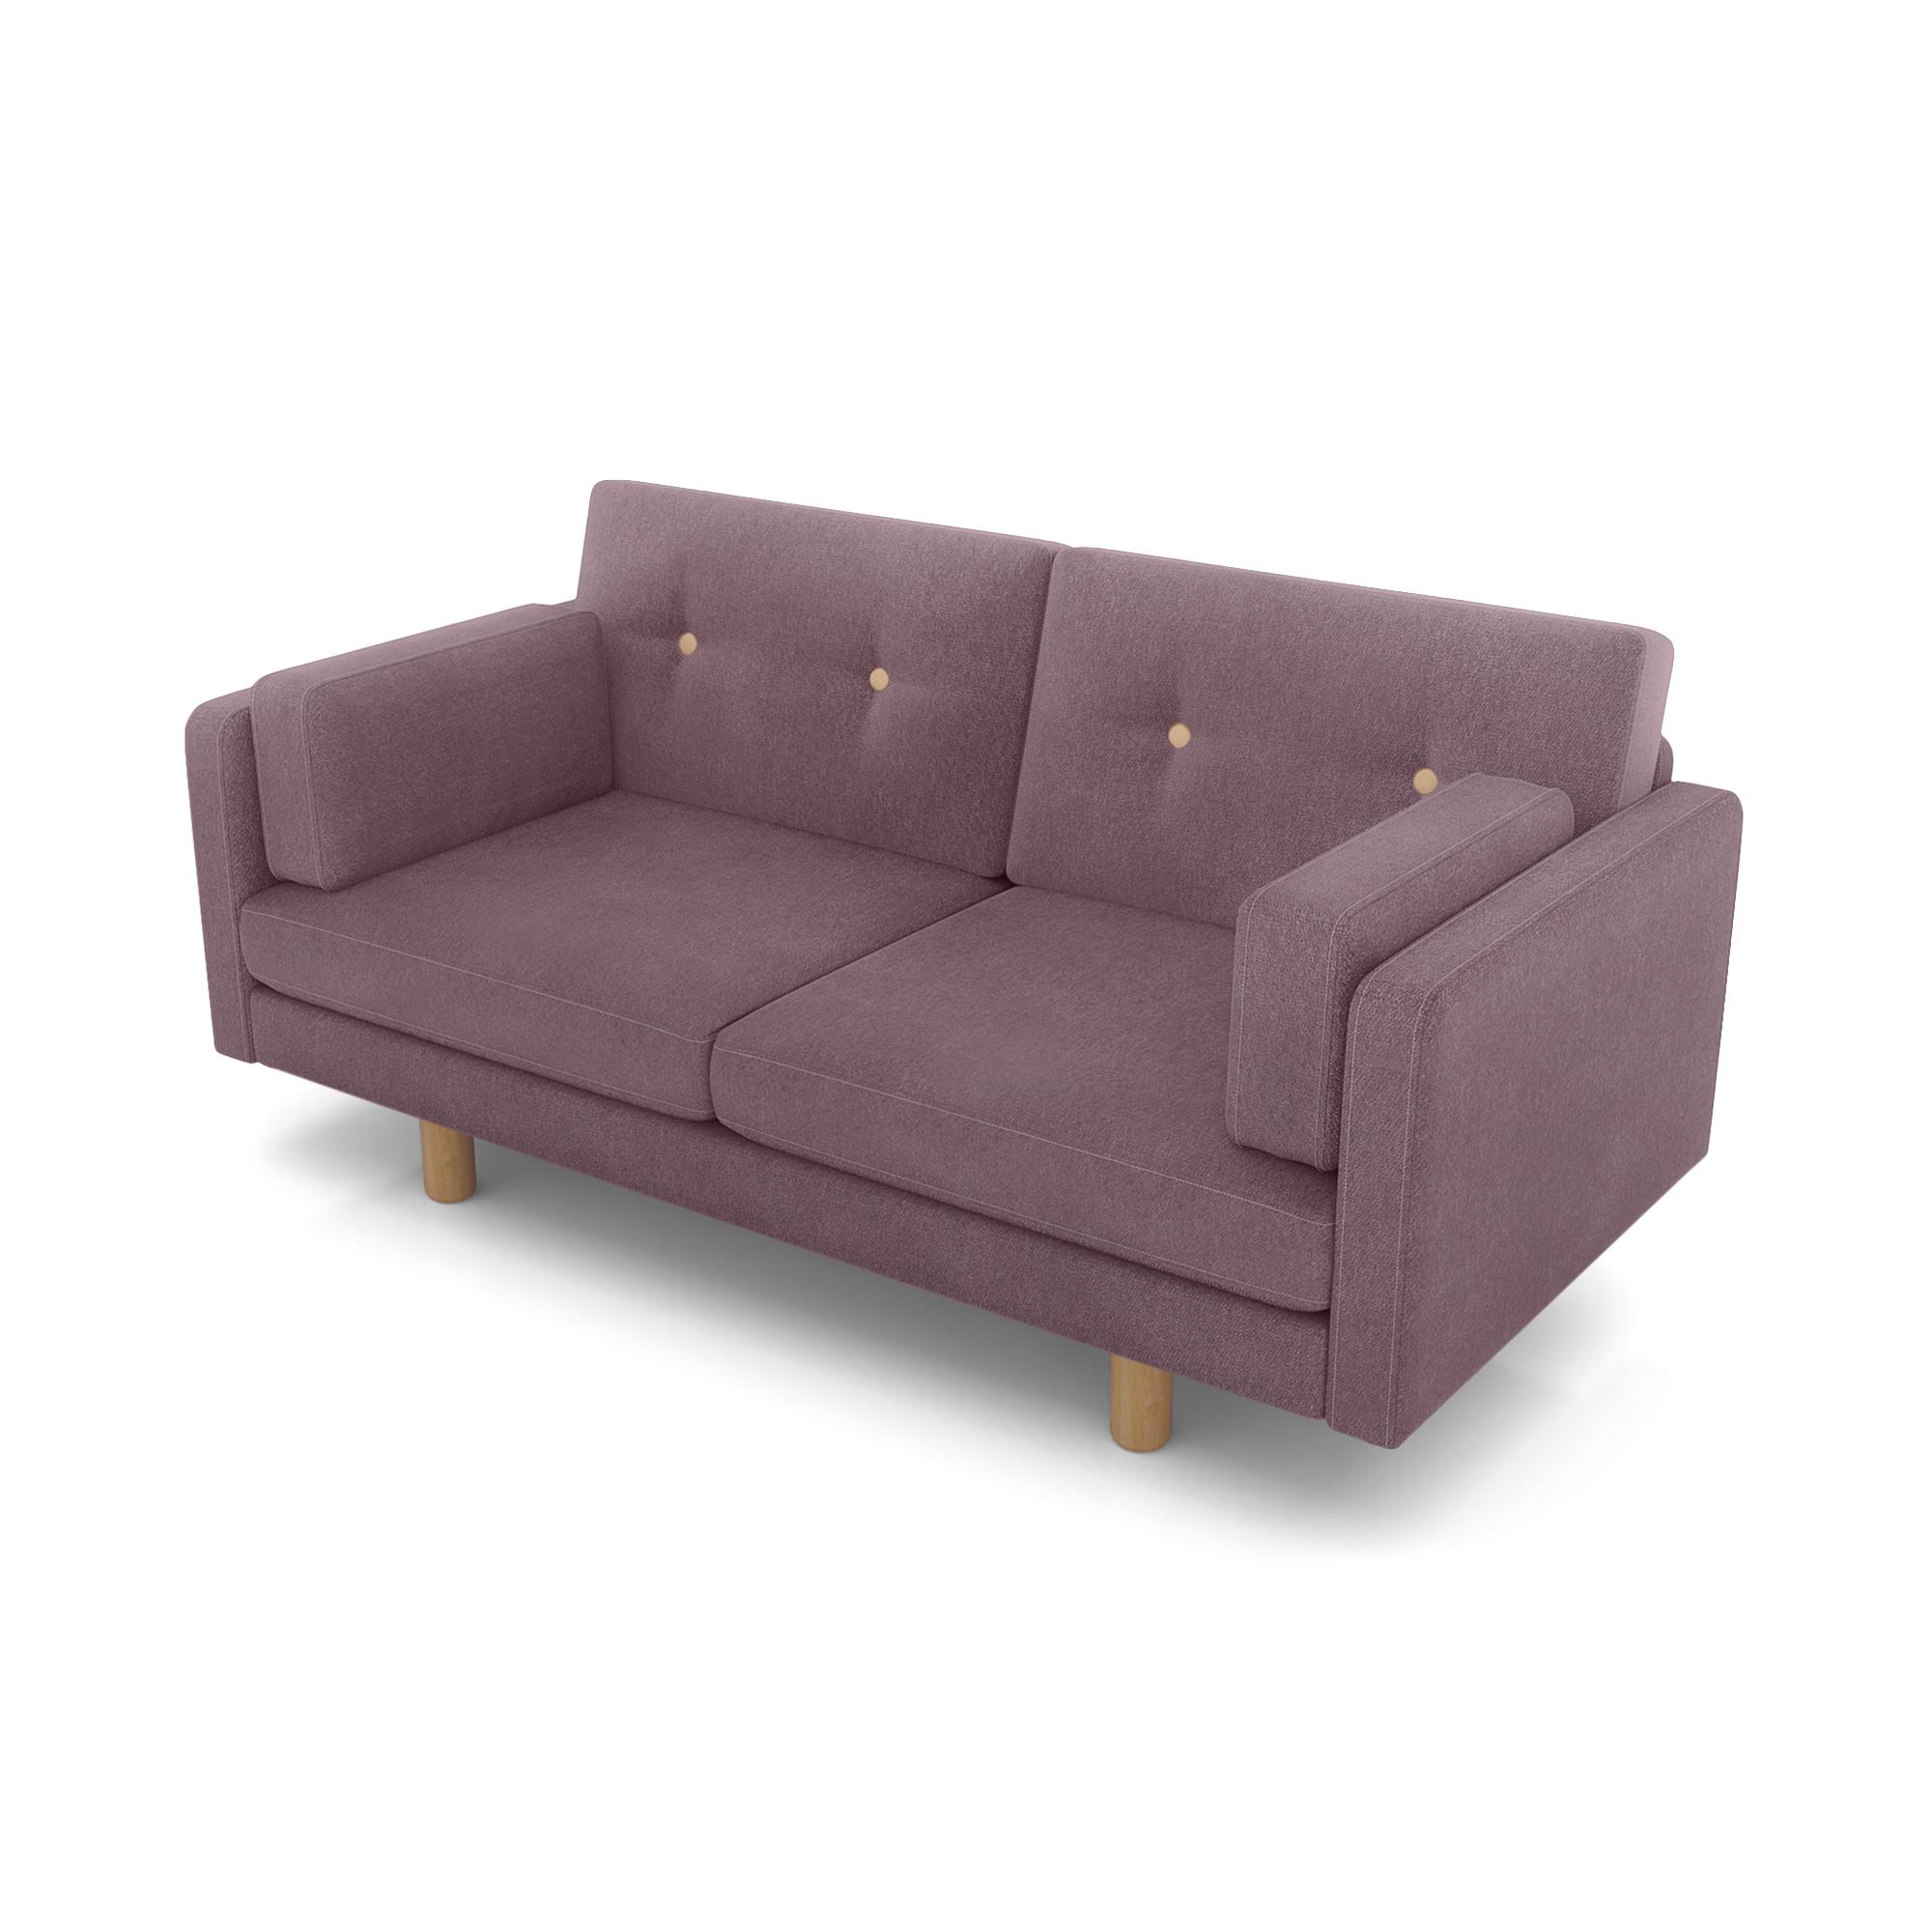 Фото - Диван AS Изабелла м 167x80x83 лилак диван as изабелла м 167x80x83 синий